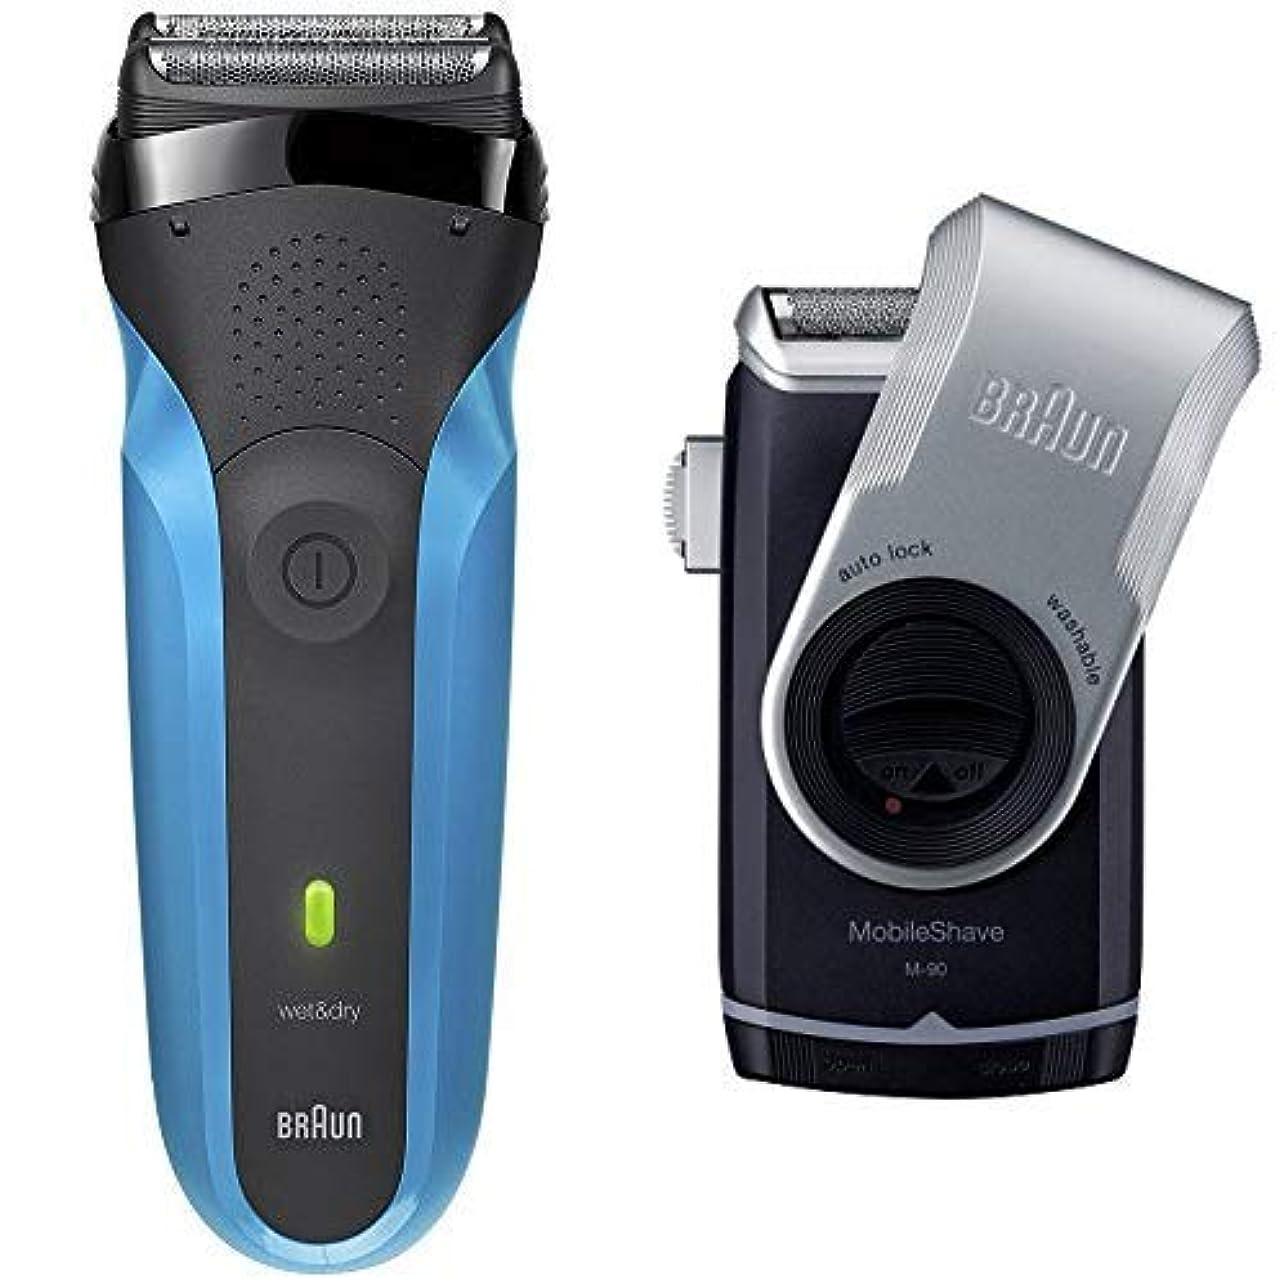 過剰の配列感謝ブラウン メンズ電気シェーバー シリーズ3 310s 3枚刃 水洗い/お風呂剃り可 & モバイルメンズ電気シェーバー M-90 水洗い可